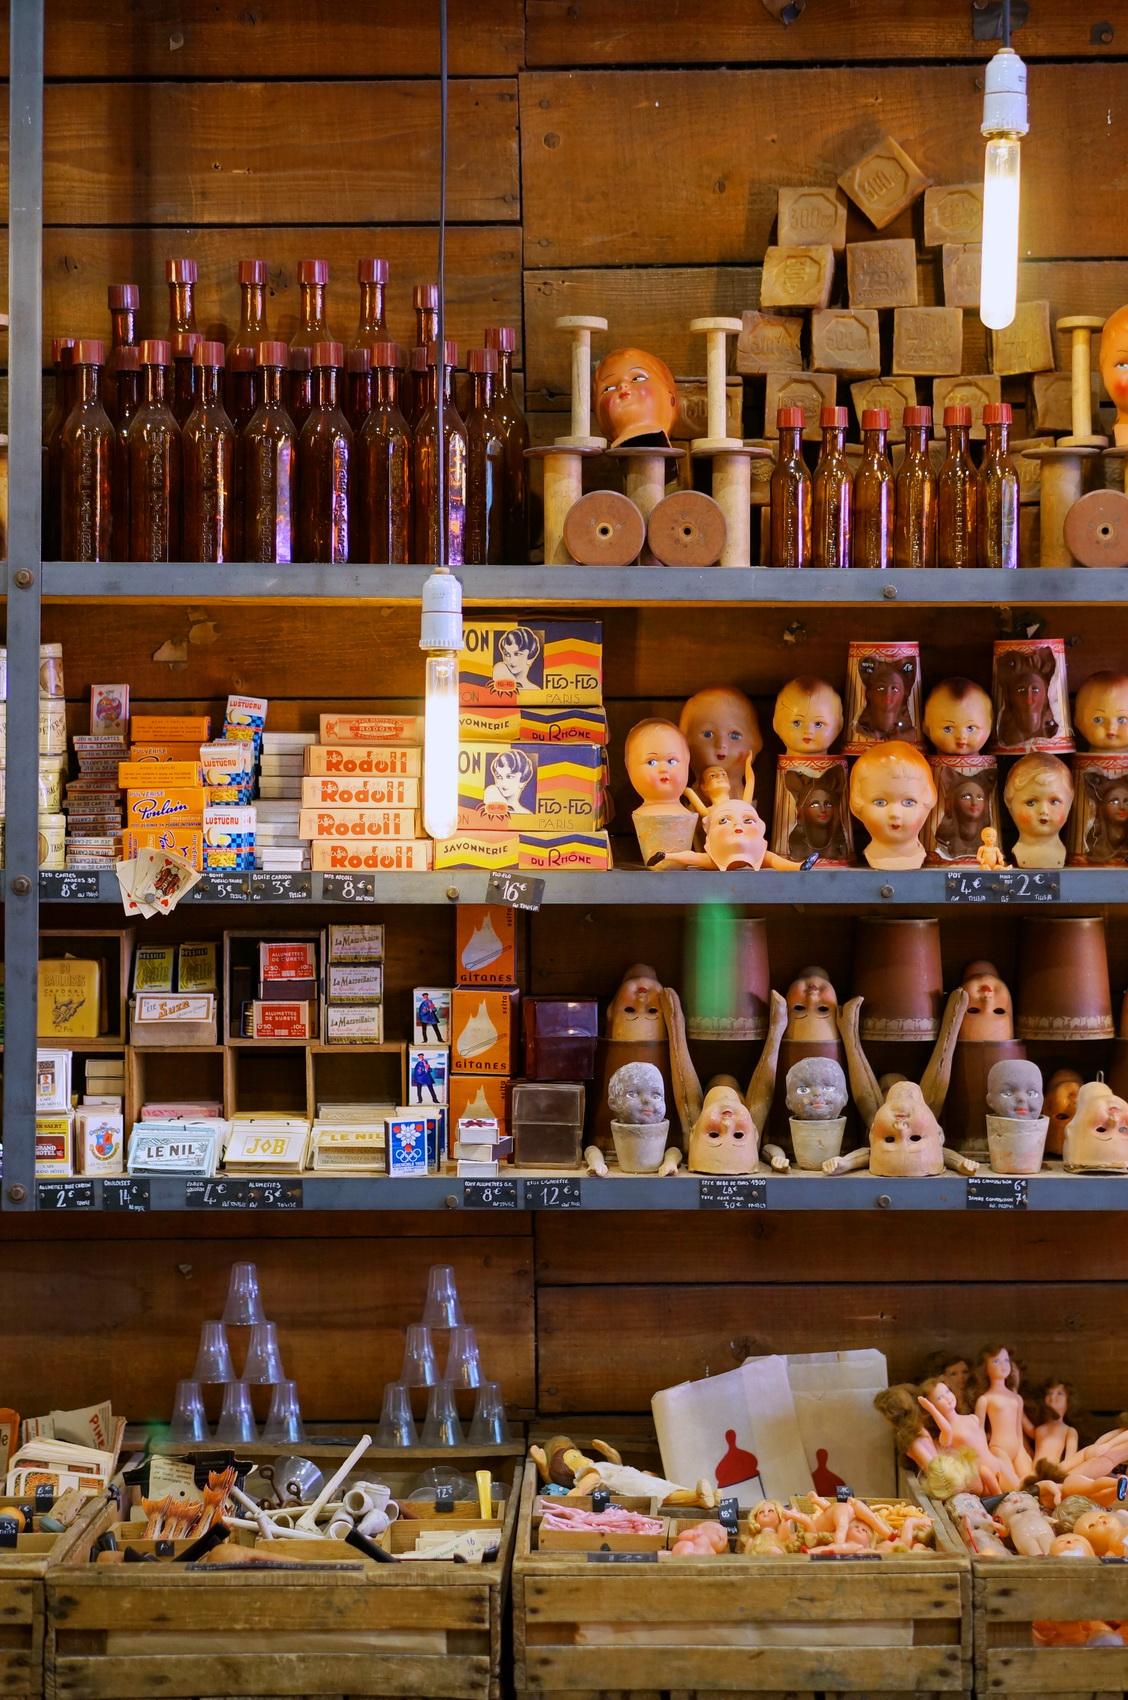 fioles chinées, bouteilles verre, brocante, retour de chine, vide-grenier, tombées du camion, puces de saint-ouen, brocante paris, vieilles poupées, têtes de poupées, head dolls, old dolls